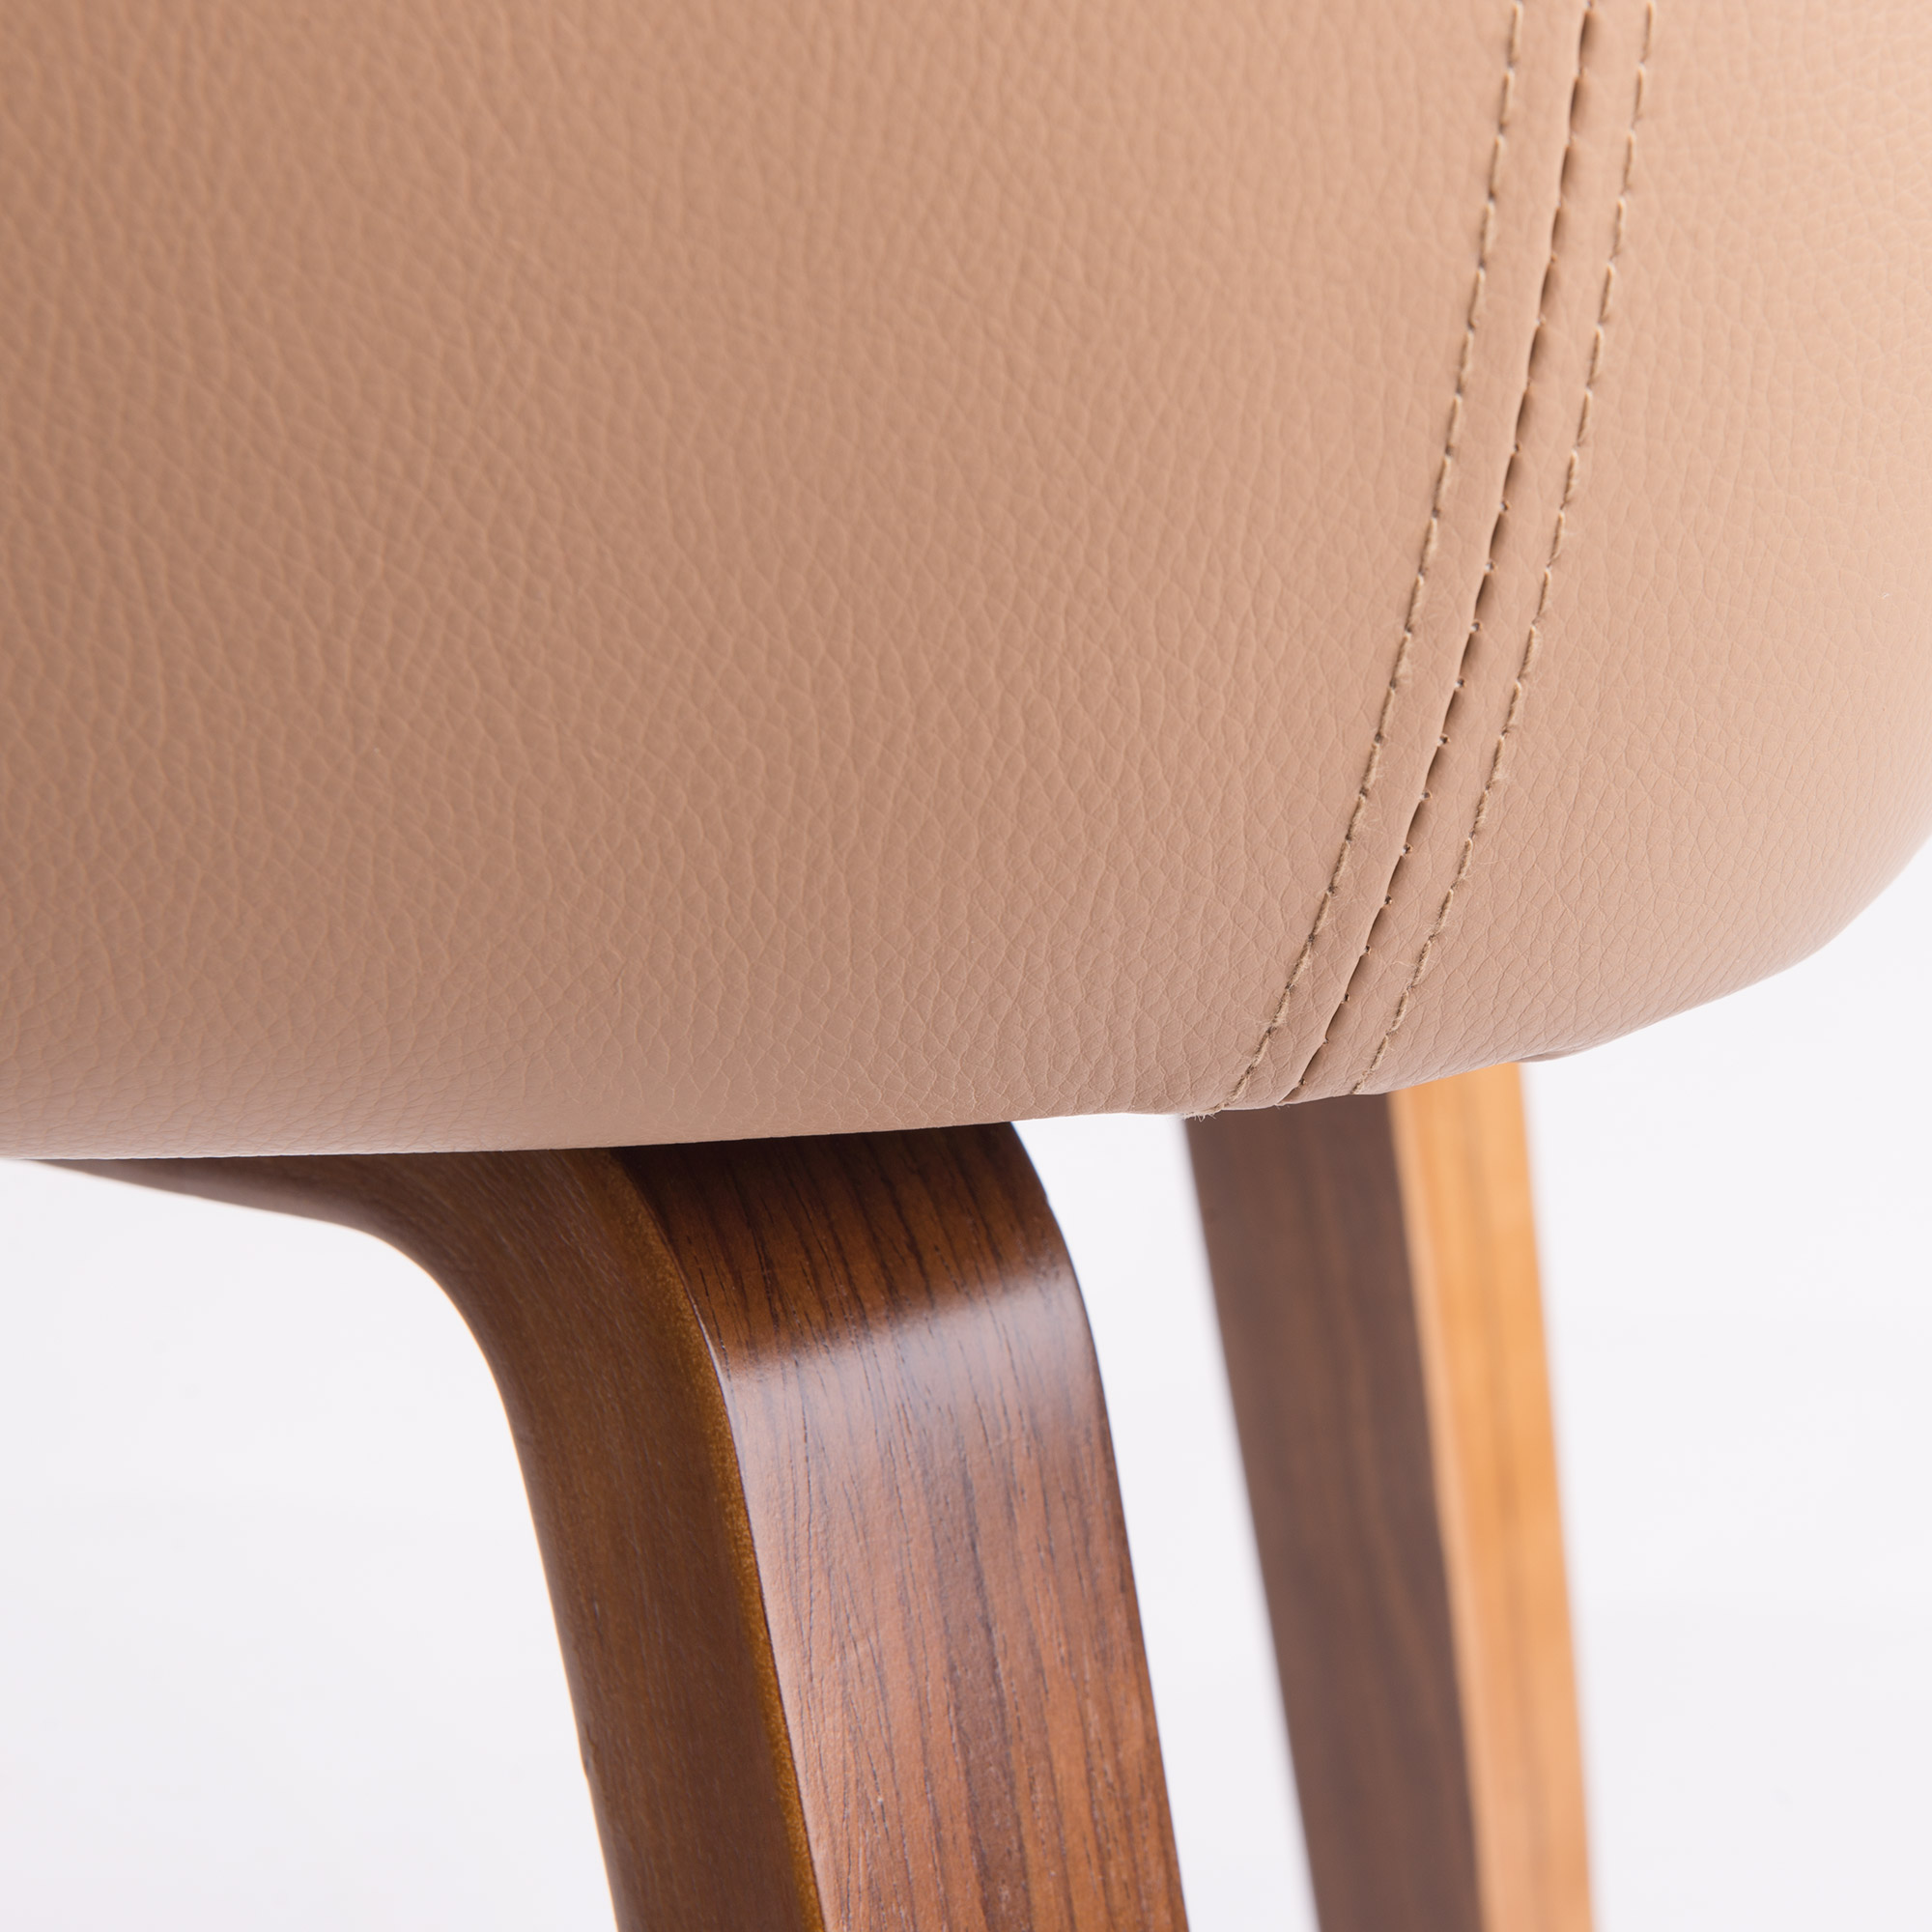 Nowoczesne krzesło skandynawskie beżowe drewniane nogi